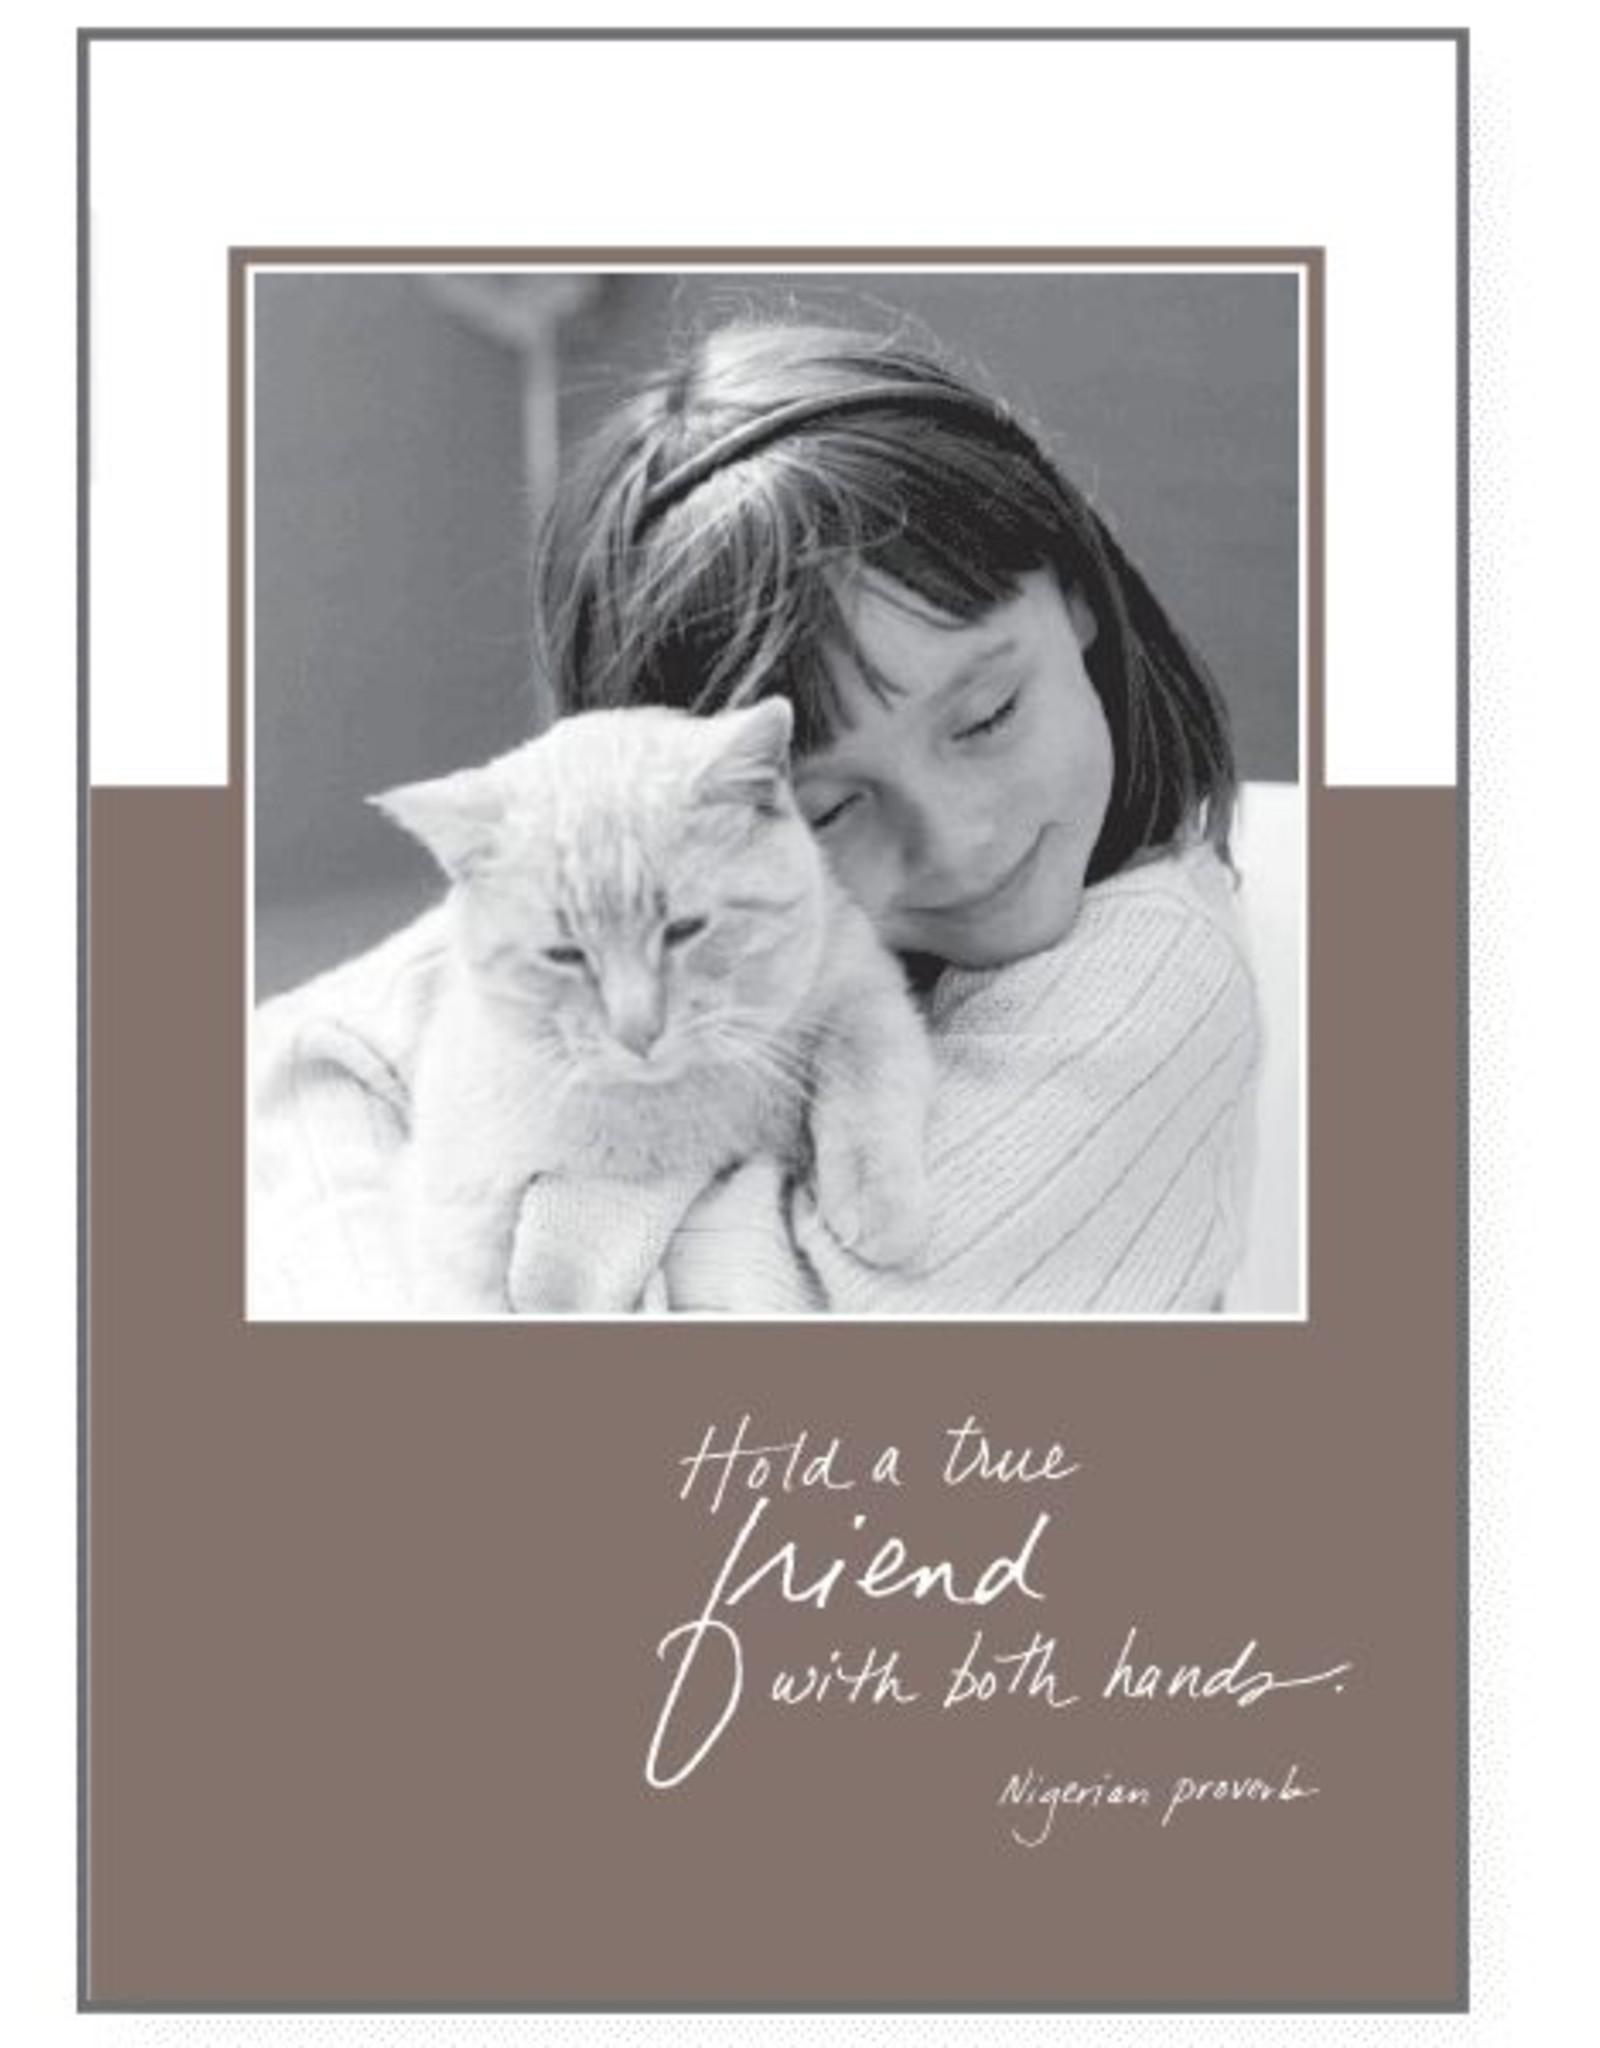 Dog Speak Dog Speak Card - Birthday - Hold a True Friend with Both Hands